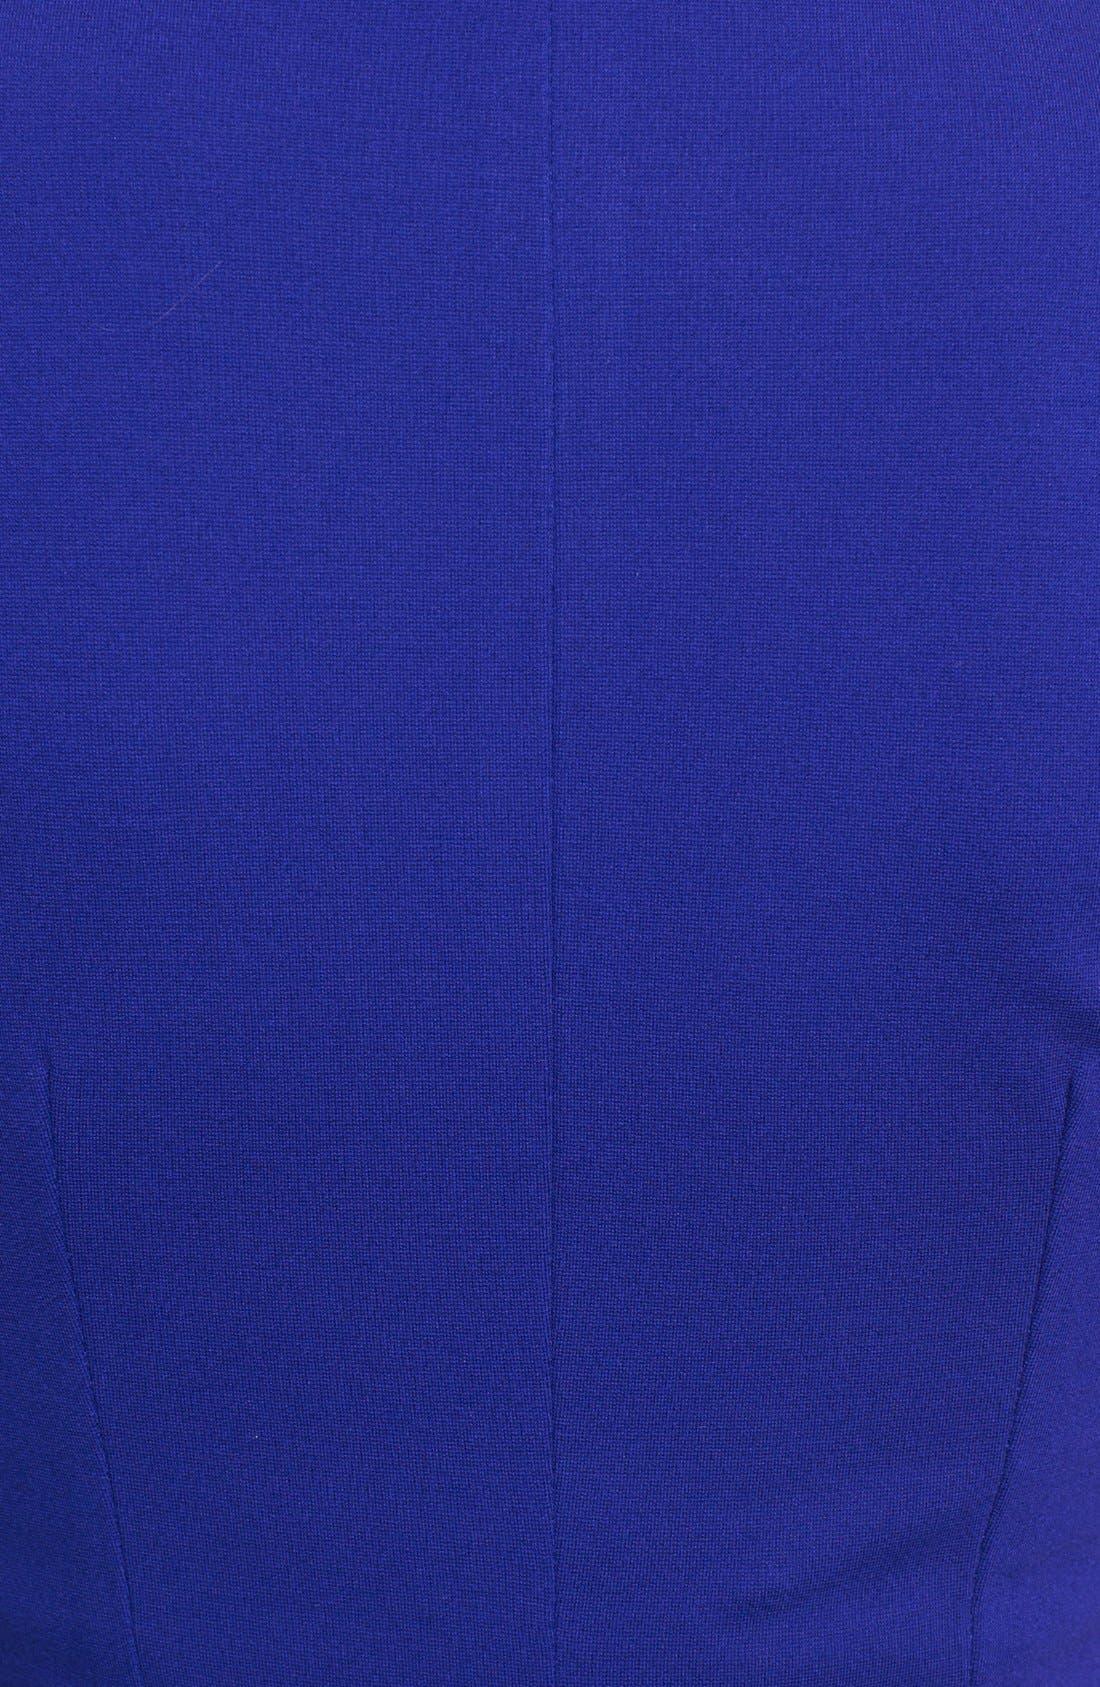 Alternate Image 3  - Diane von Furstenberg 'Maizah' Twill Sheath Dress